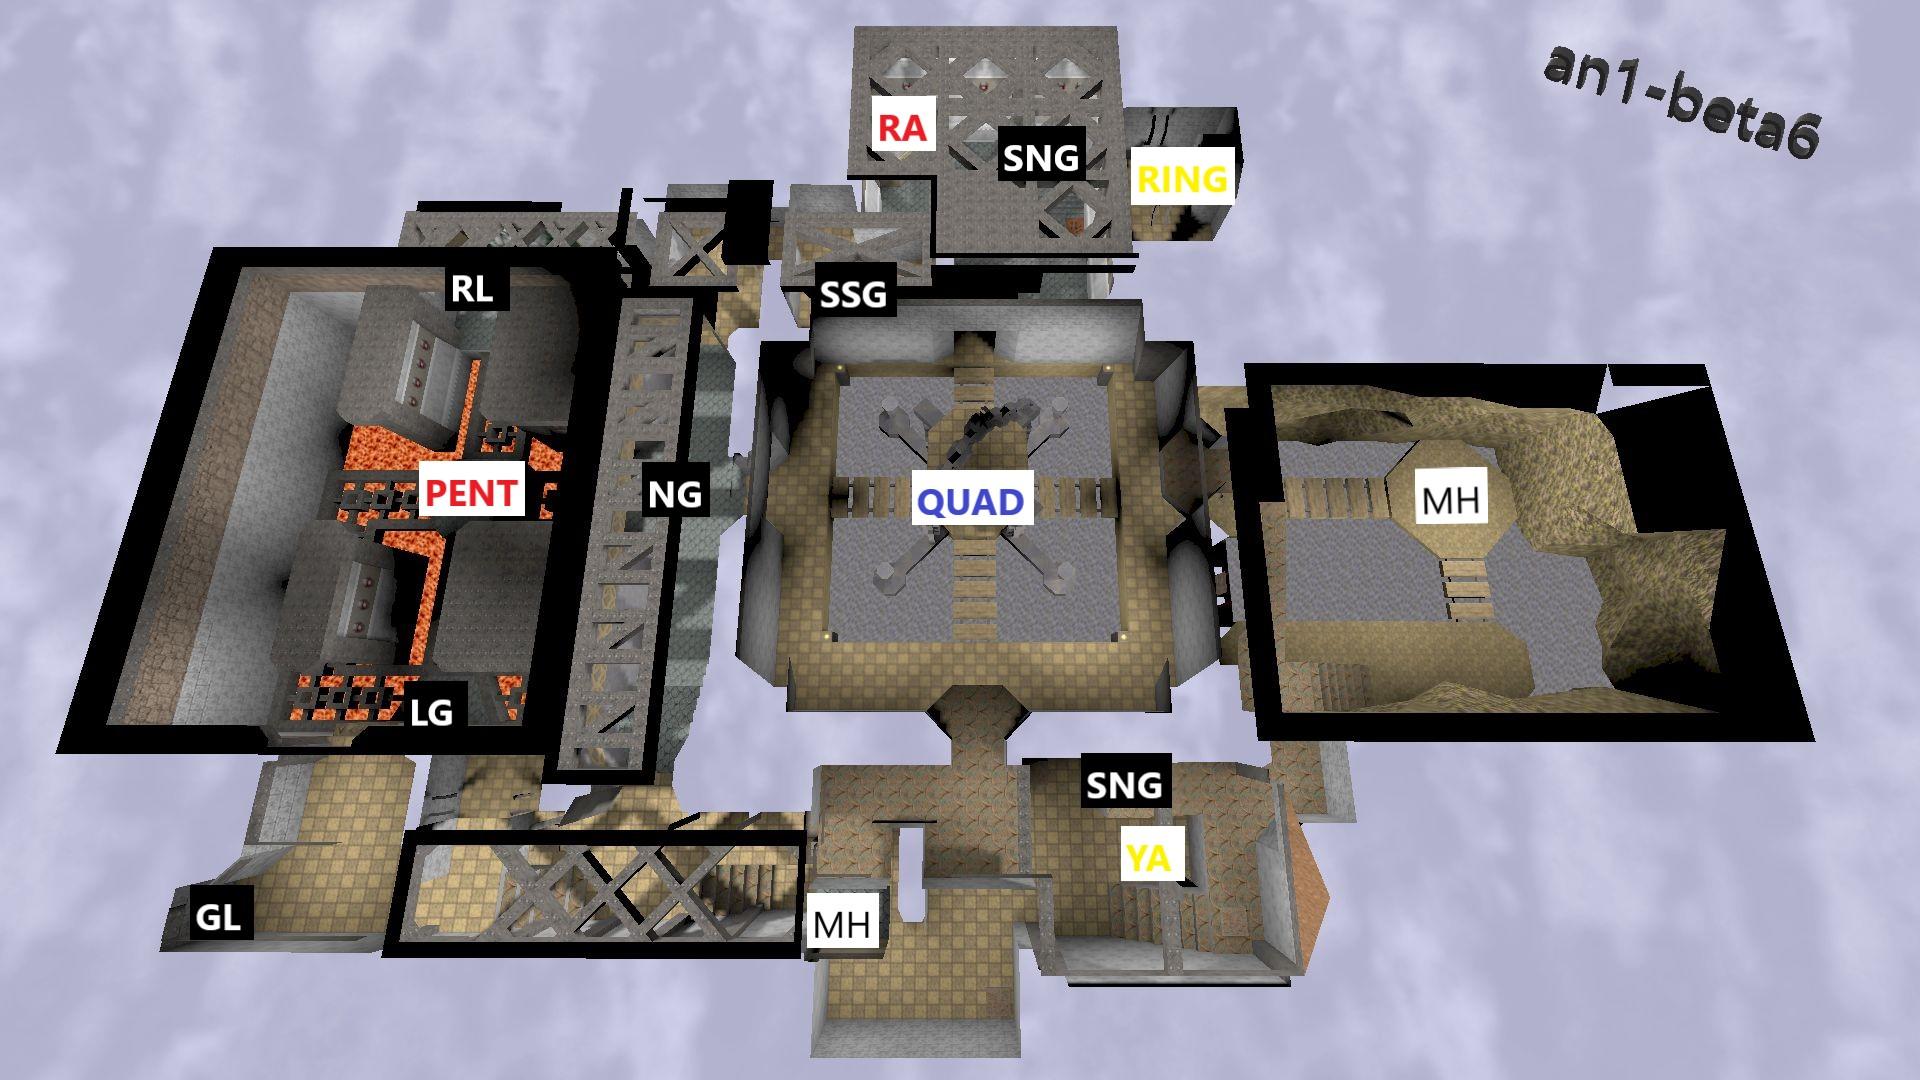 http://www.bandsalat.org/quake/an1-beta6/overview.jpg